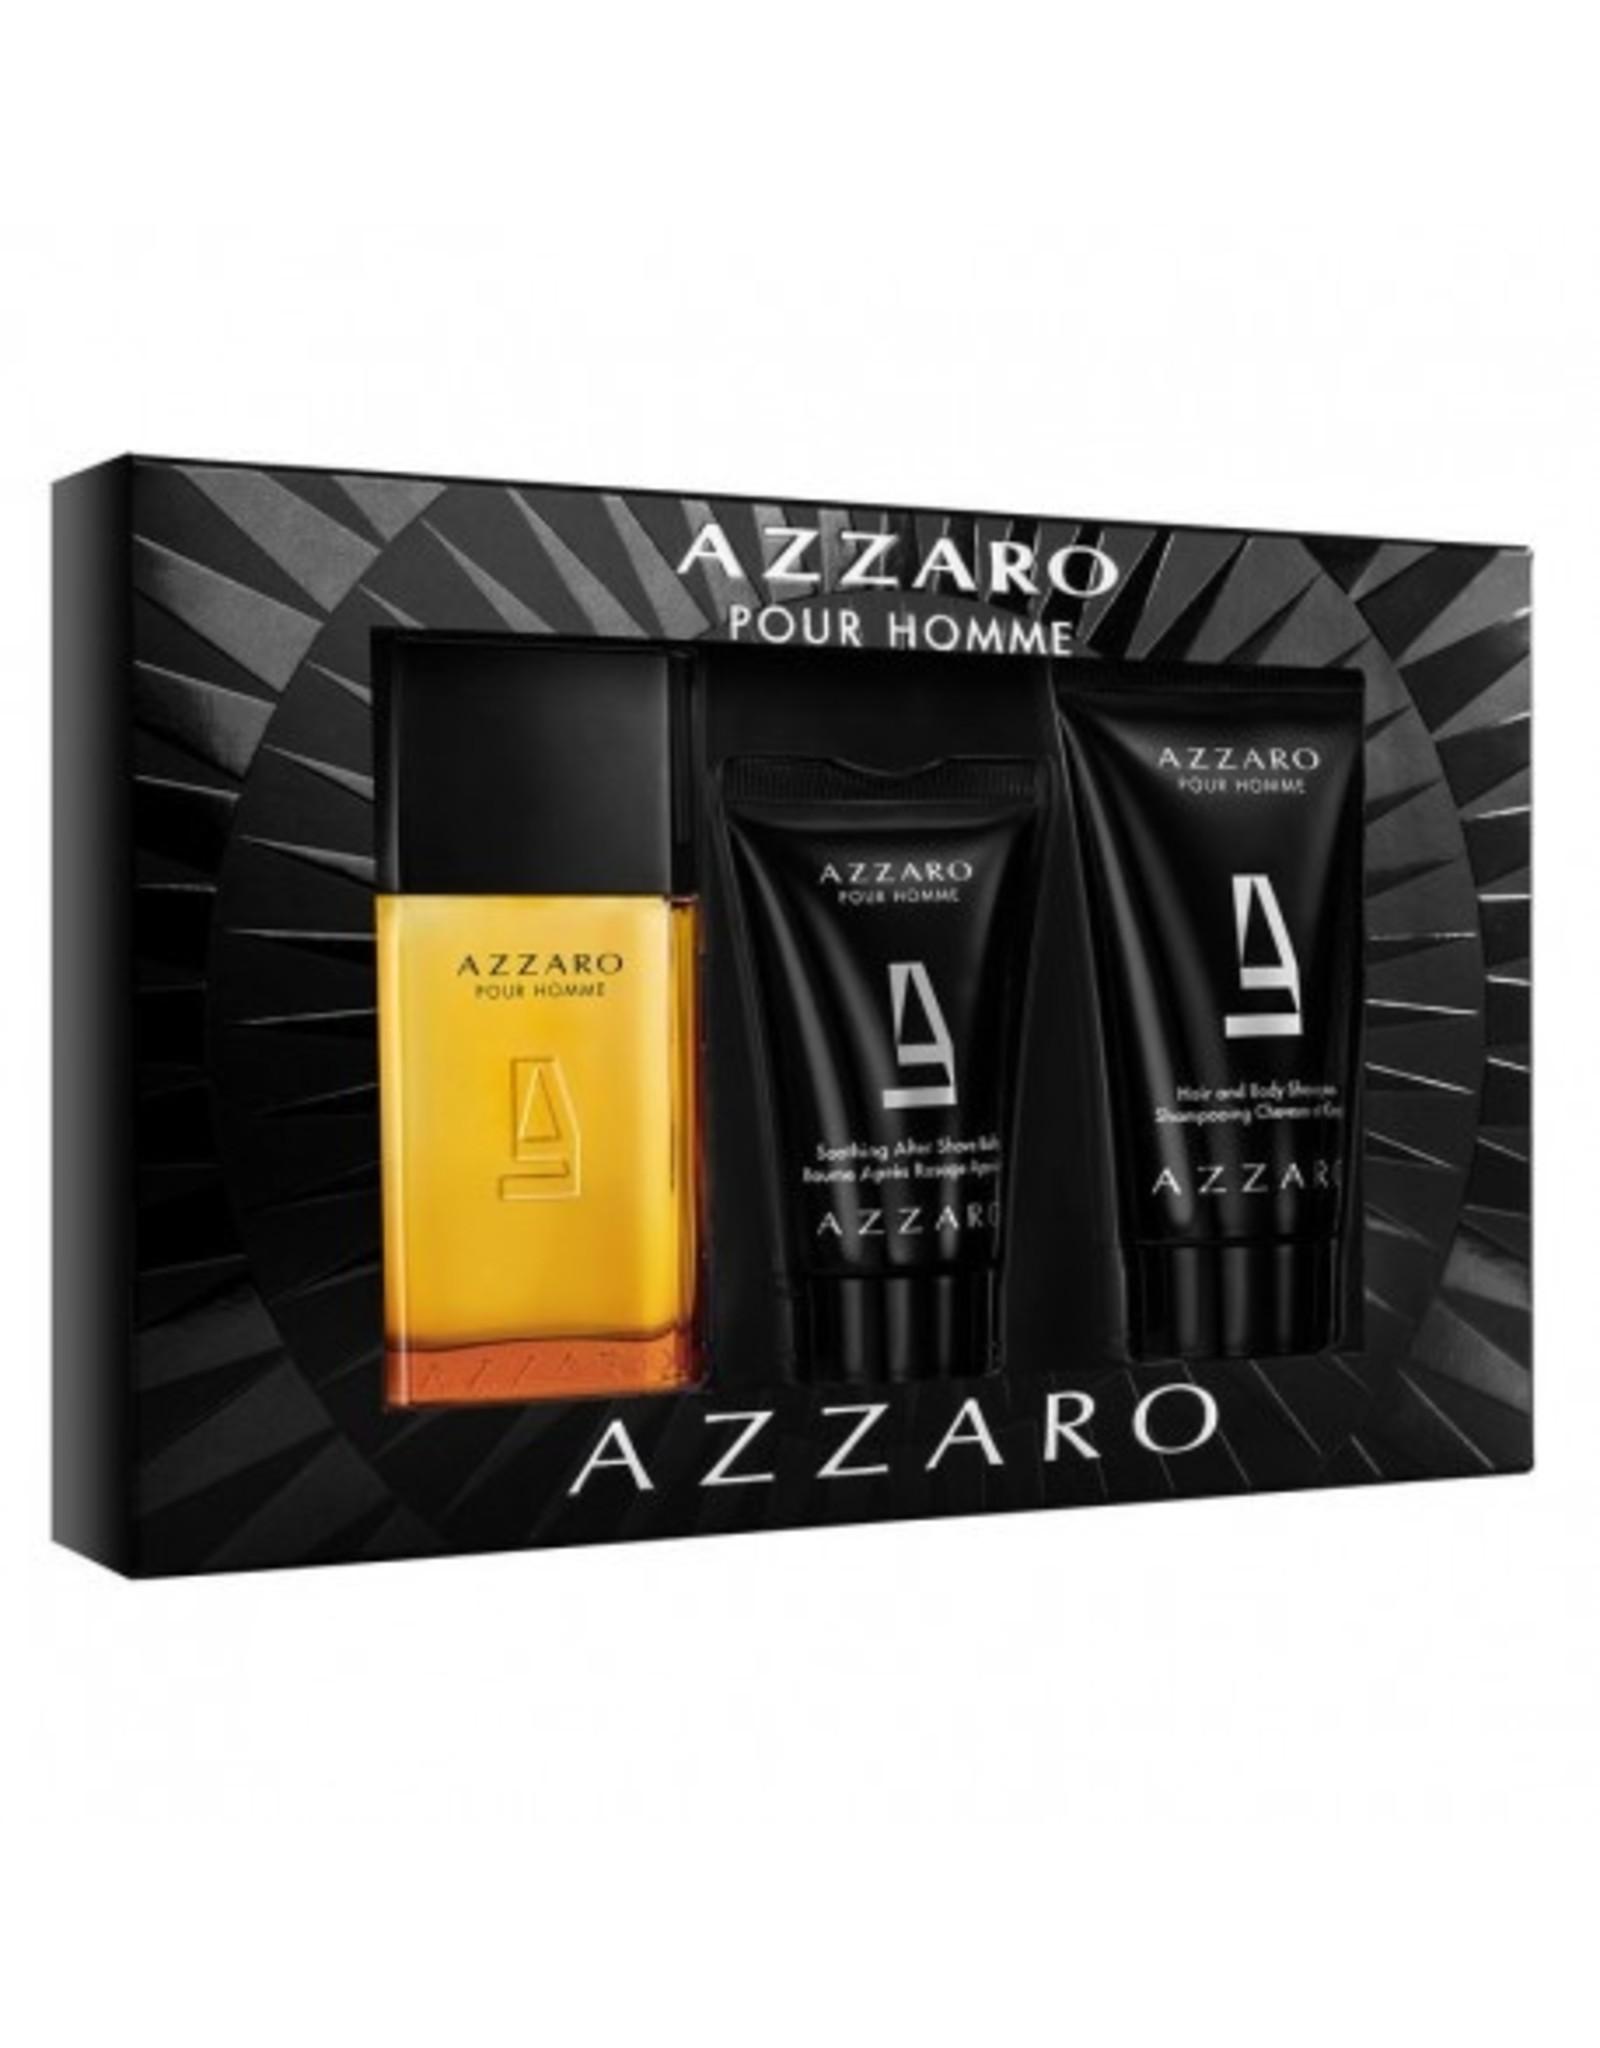 AZZARO AZZARO POUR HOMME CLASSIQUE 3pcs Set